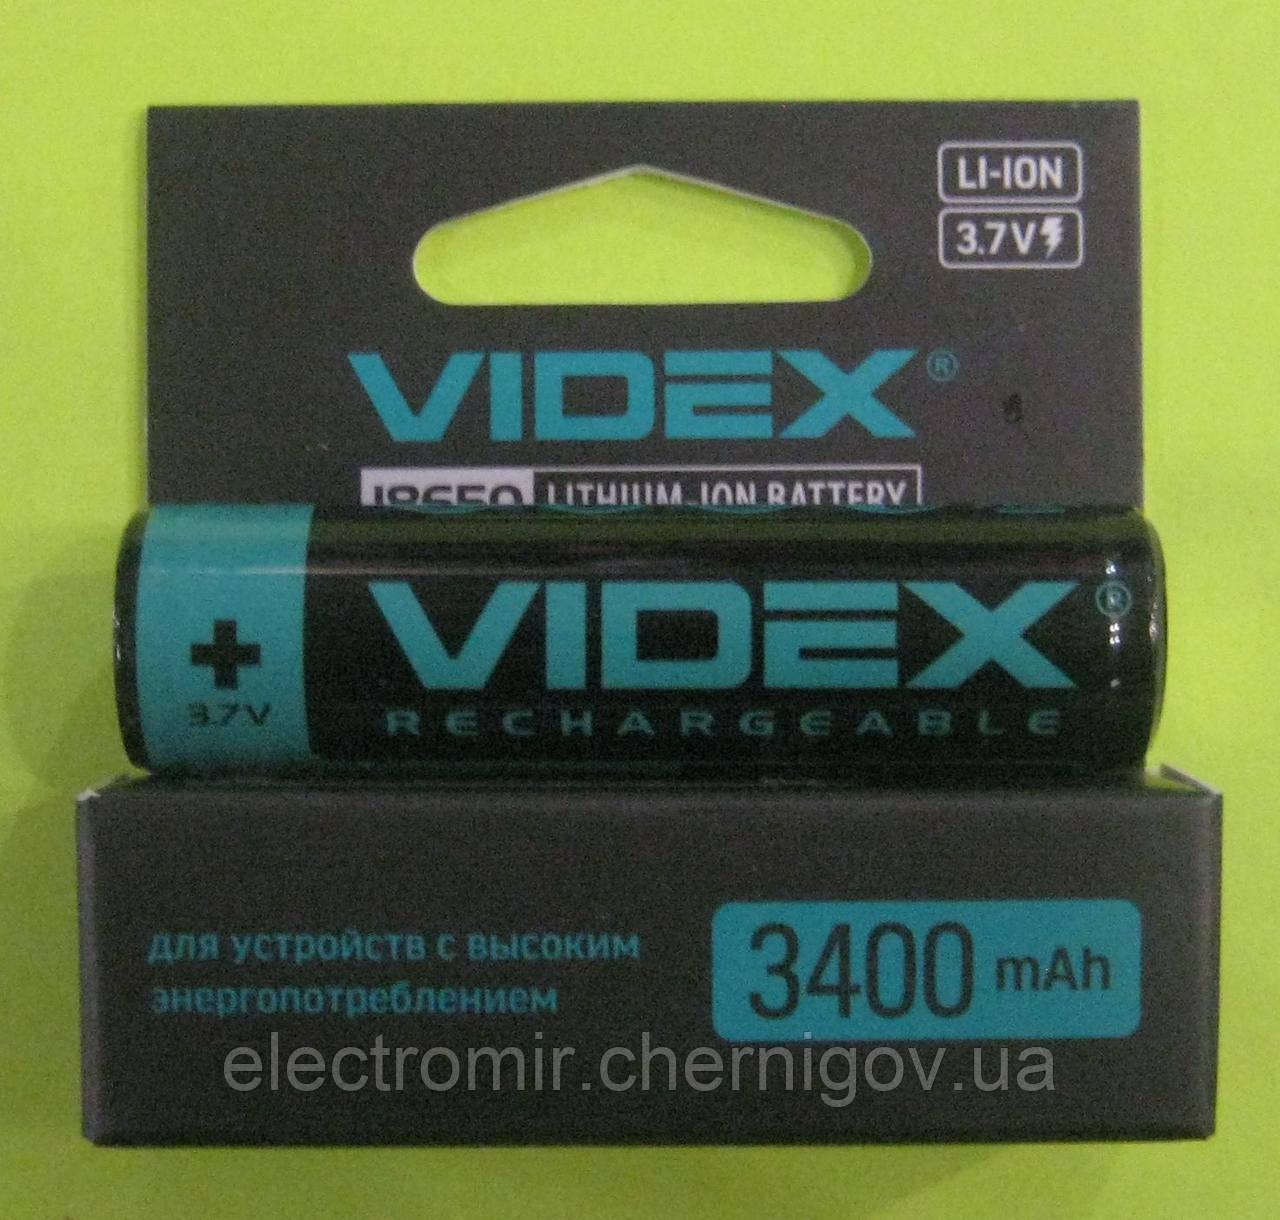 Аккумулятор Videx 18650 3400 mAh (с защитой)